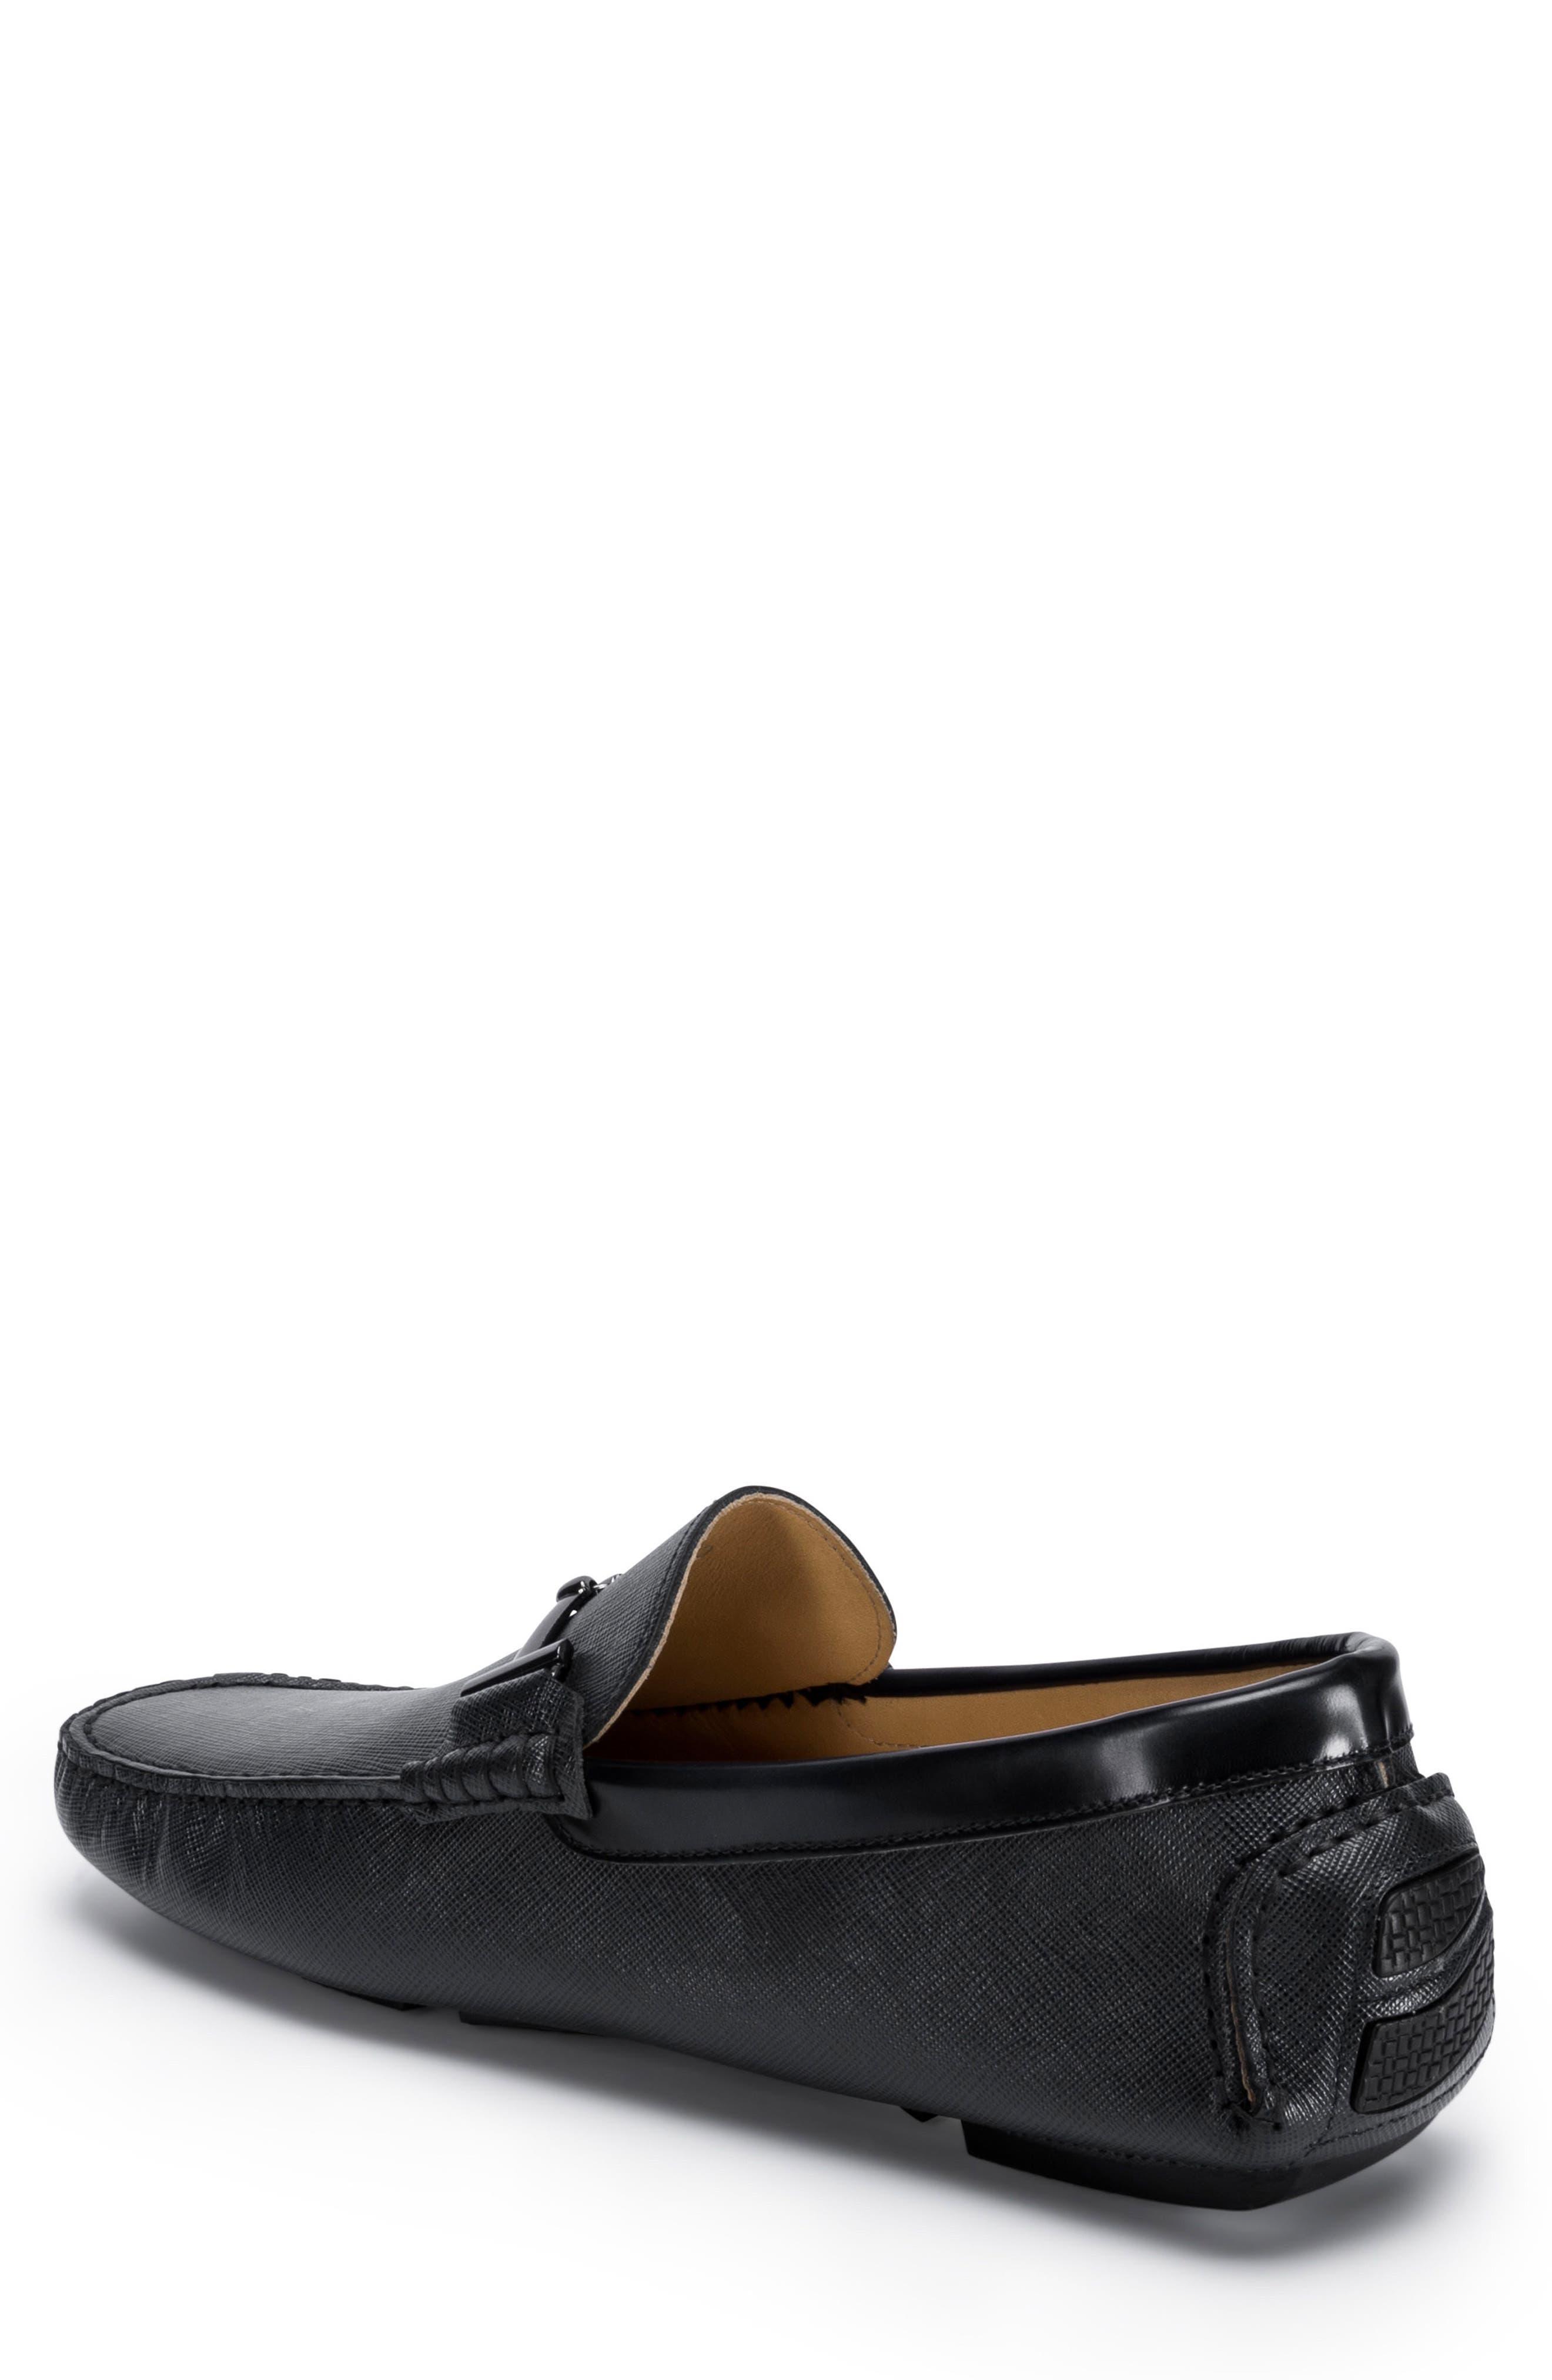 Capri Driving Shoe,                             Alternate thumbnail 2, color,                             Black